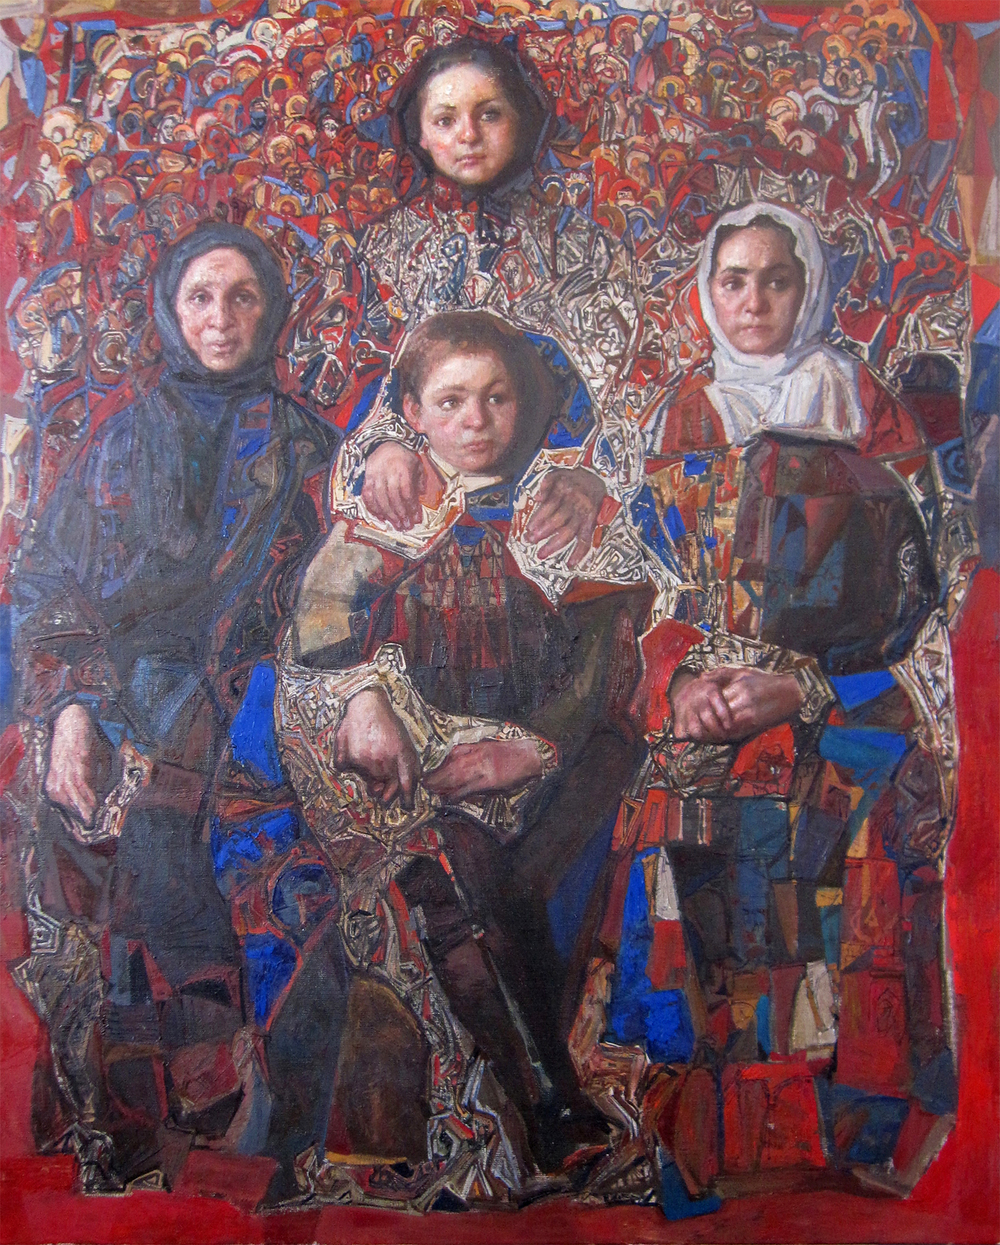 Oil on Linen /39 in x 31.9 in